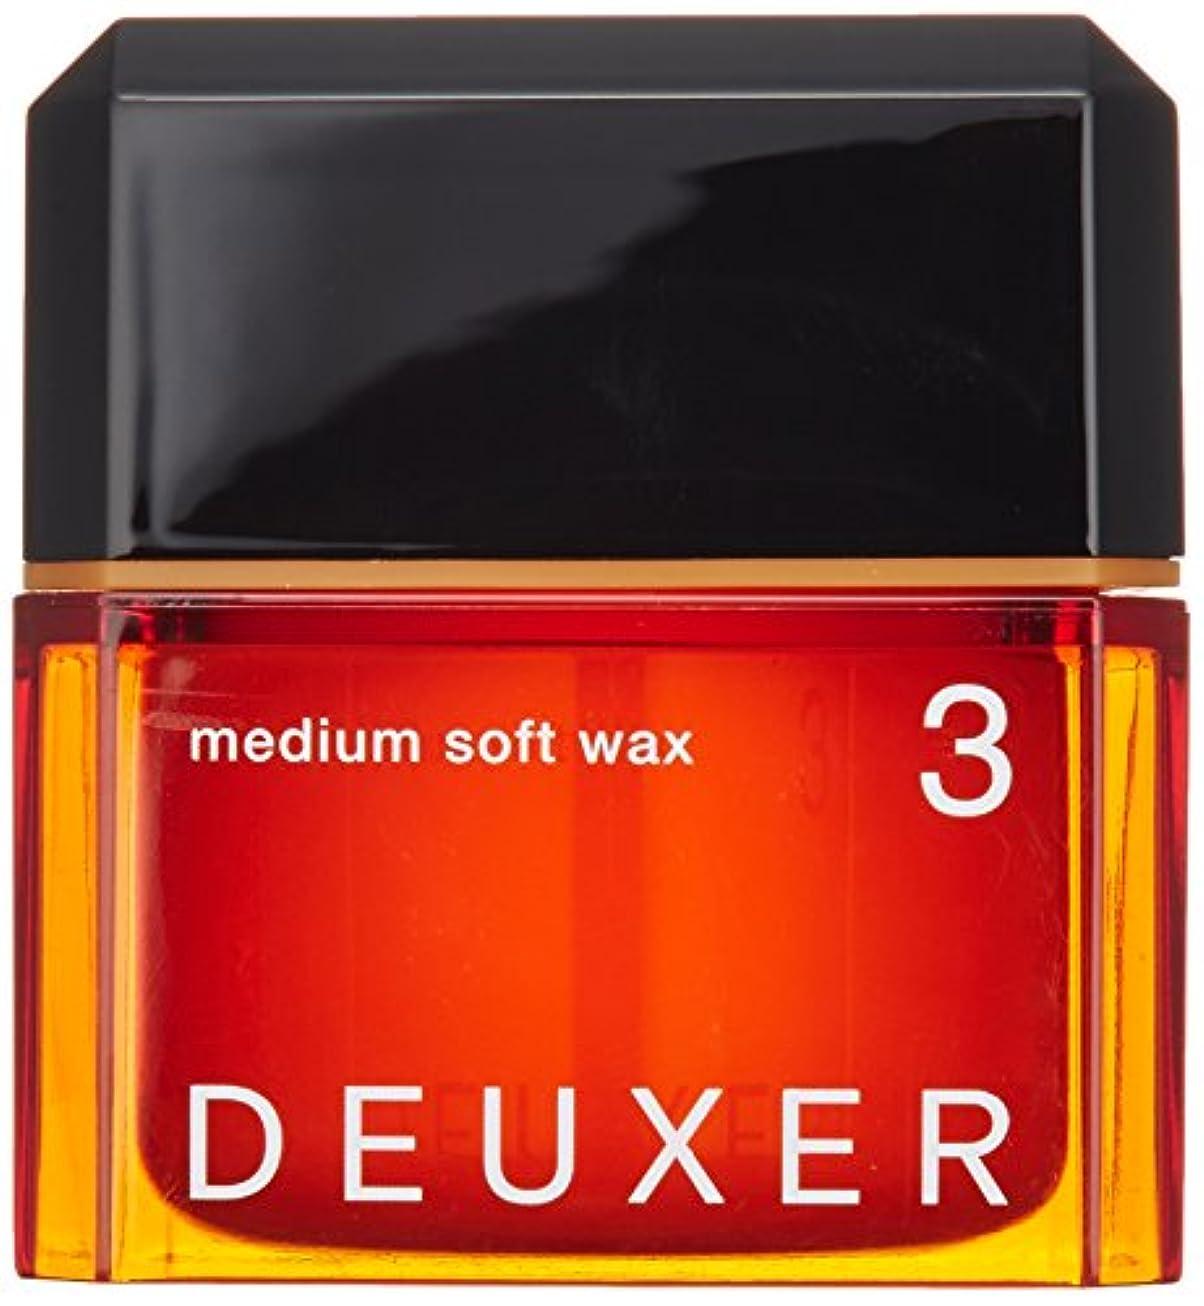 豊かにするボンド請求可能ナンバースリー DEUXER(デューサー) ミディアムソフトワックス 3 80g